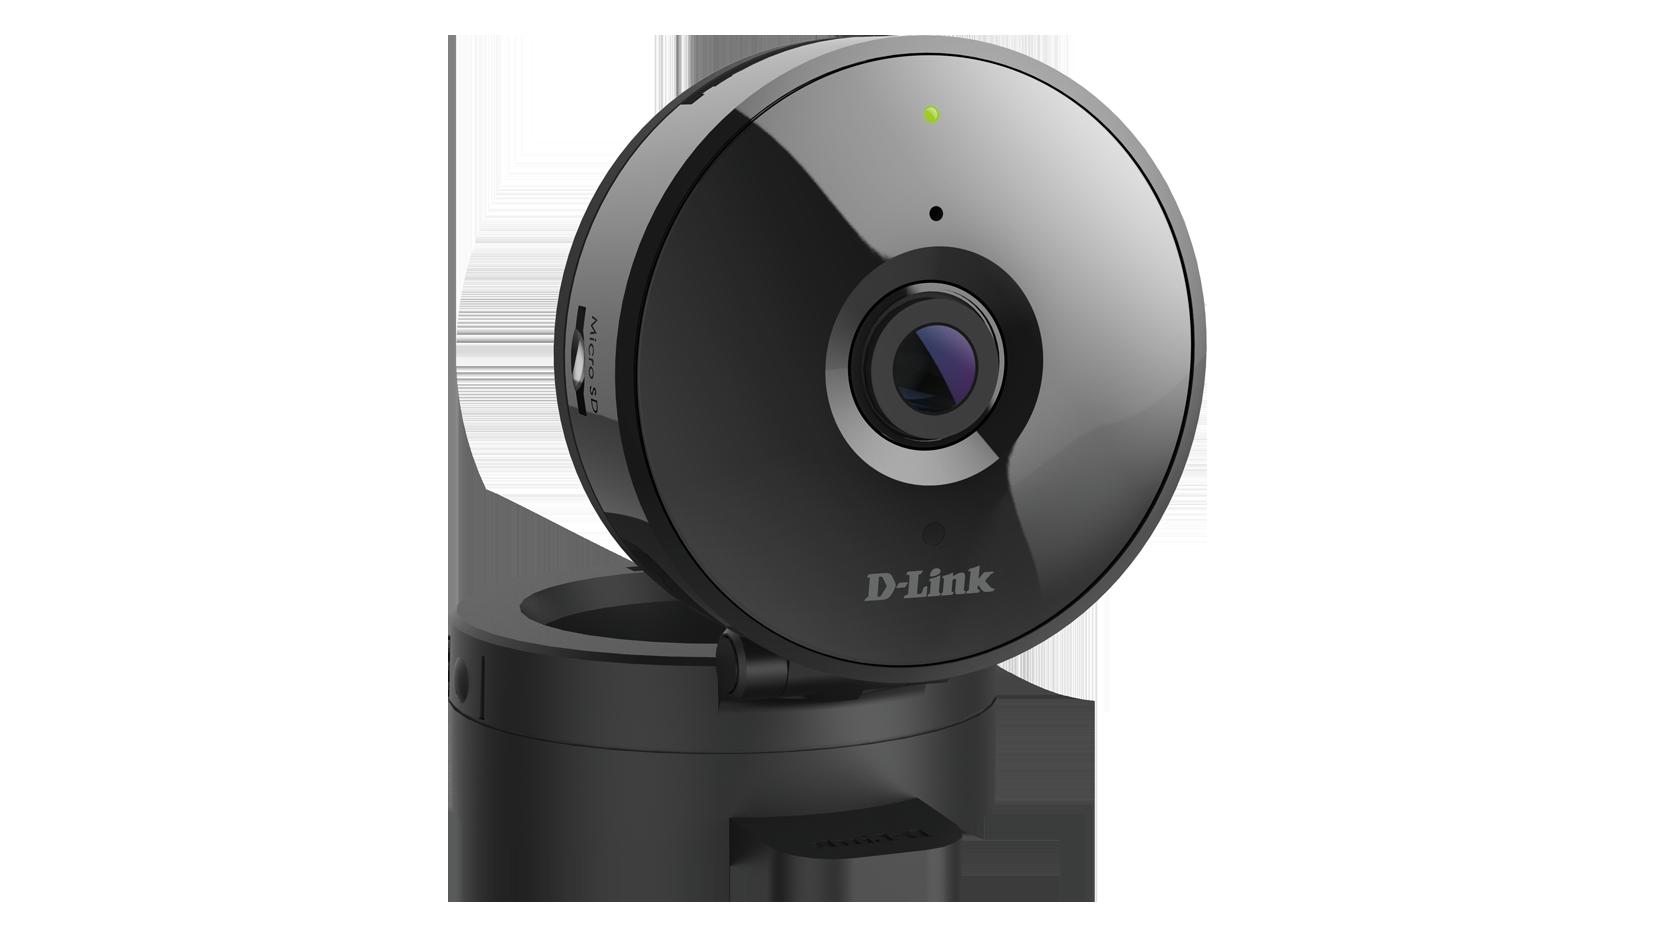 D-Link DCS-936L Wi-Fi Cloud HD kamera, 720p, slot pro microSD kartu, noční vidění 5m, detekce pohybu a zvuku